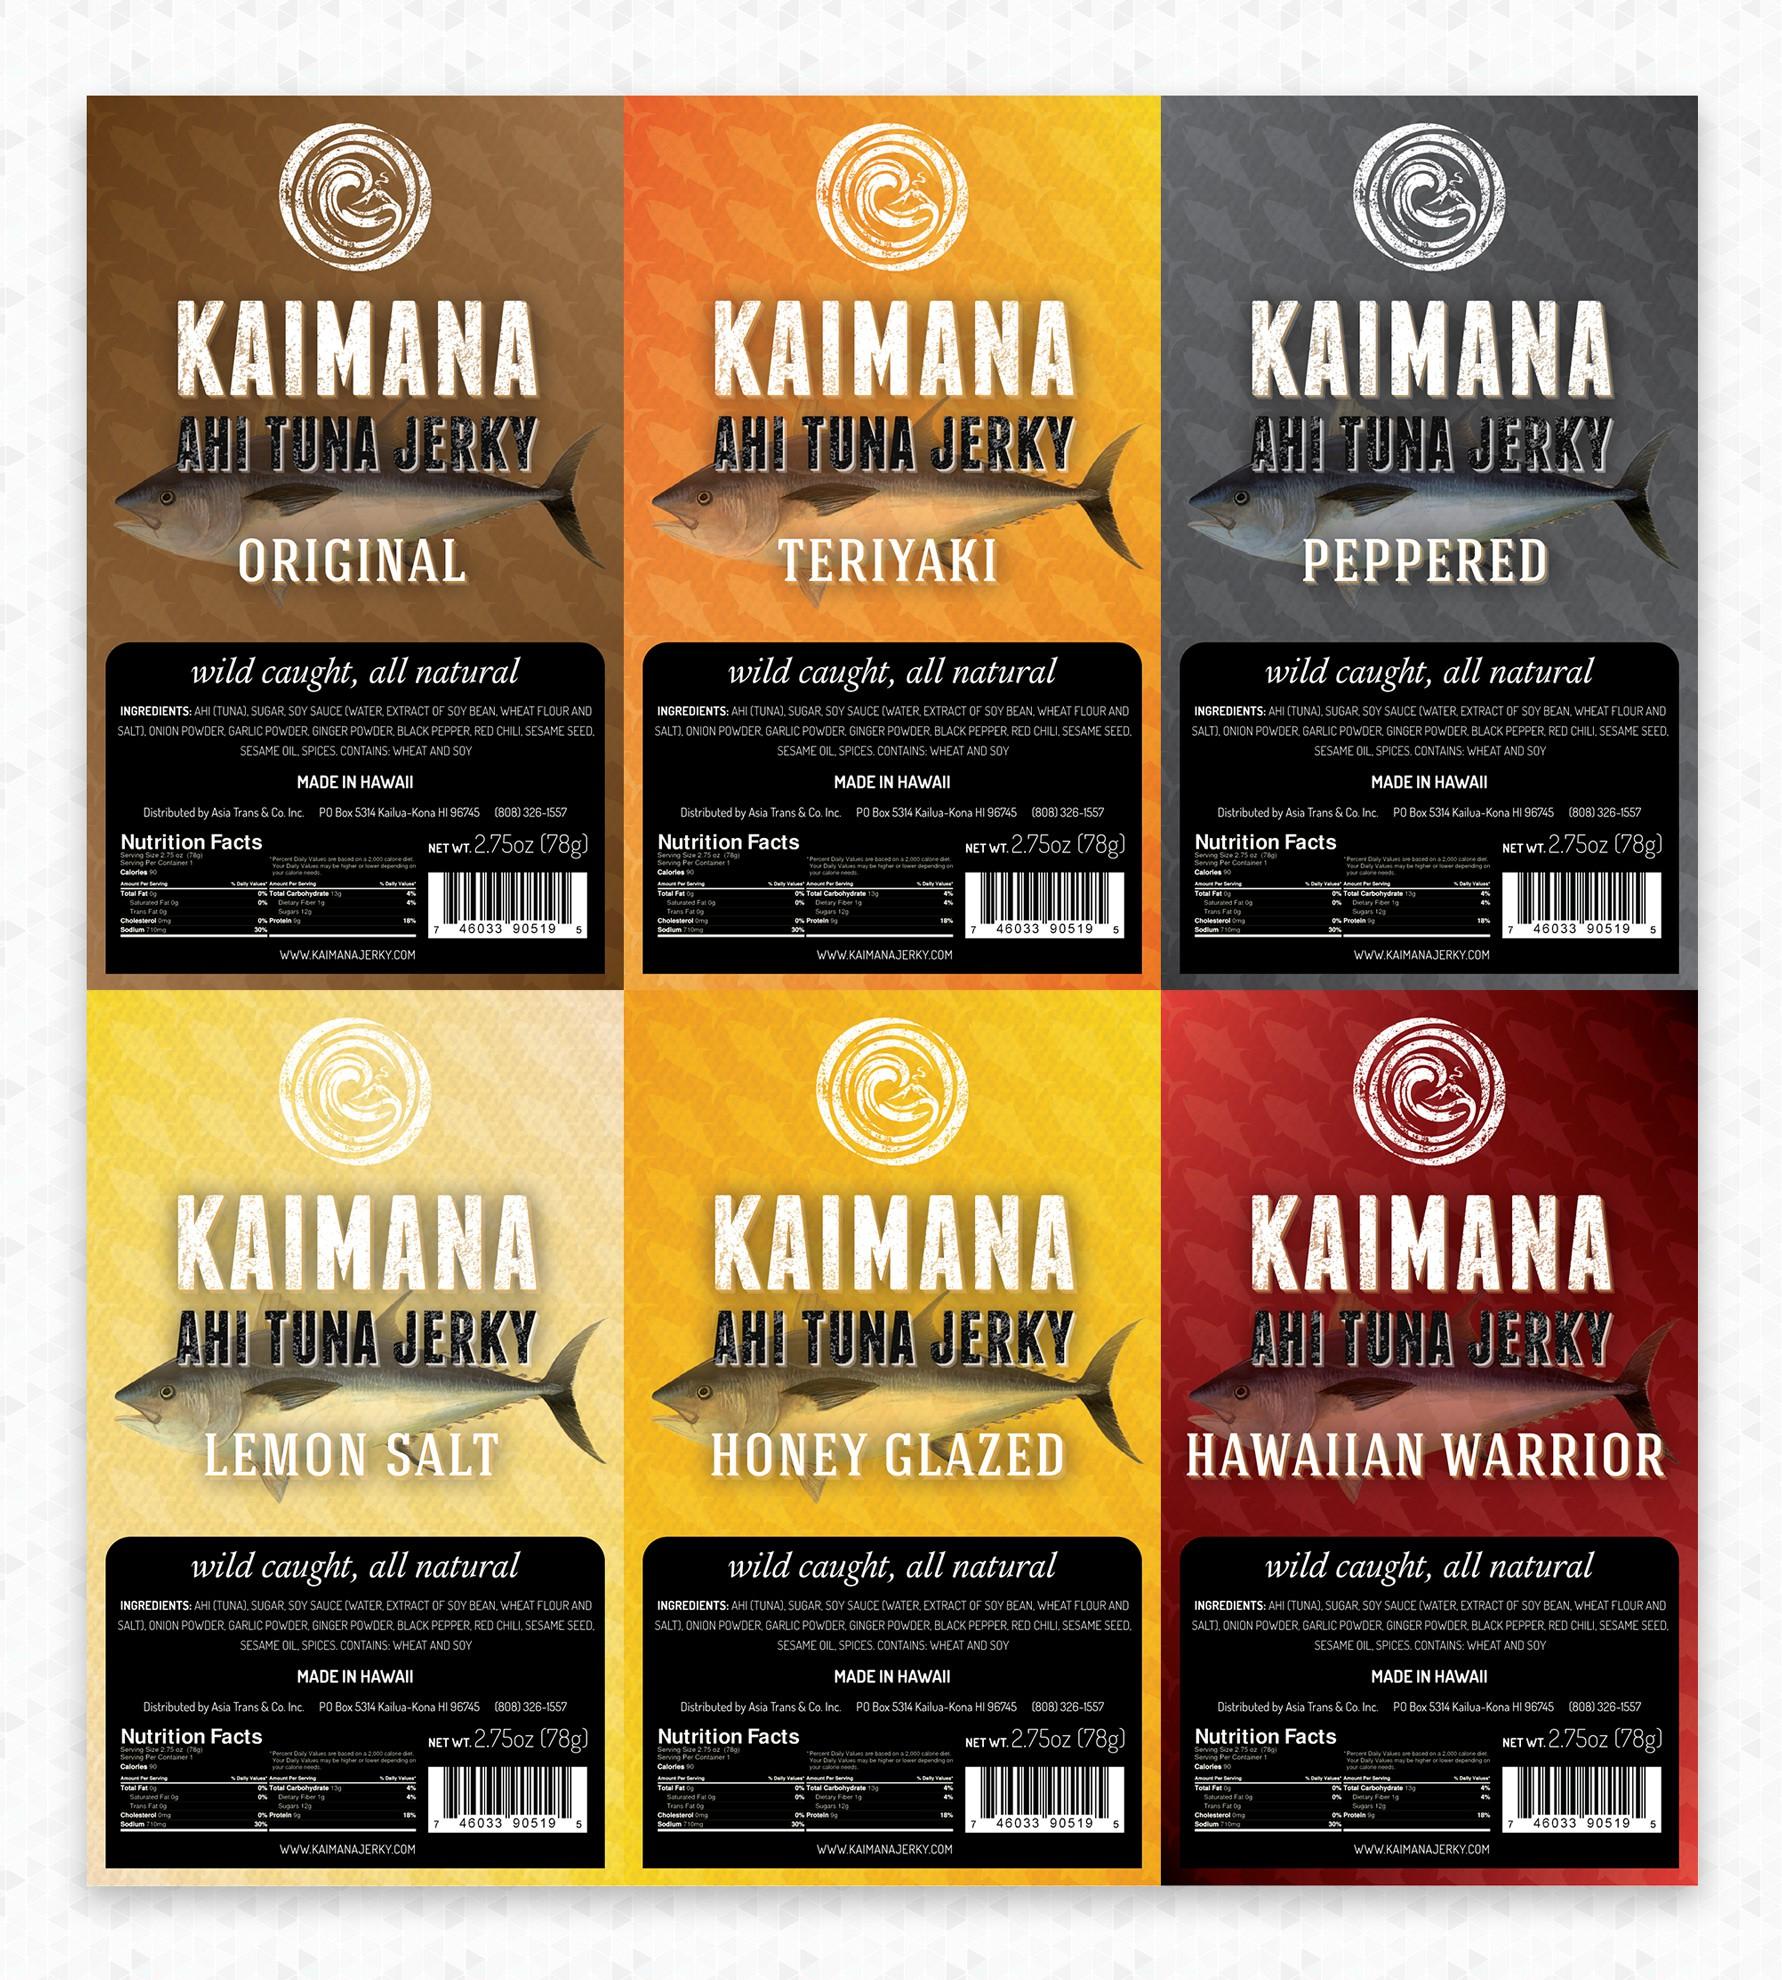 New label for Kaimana Jerky!